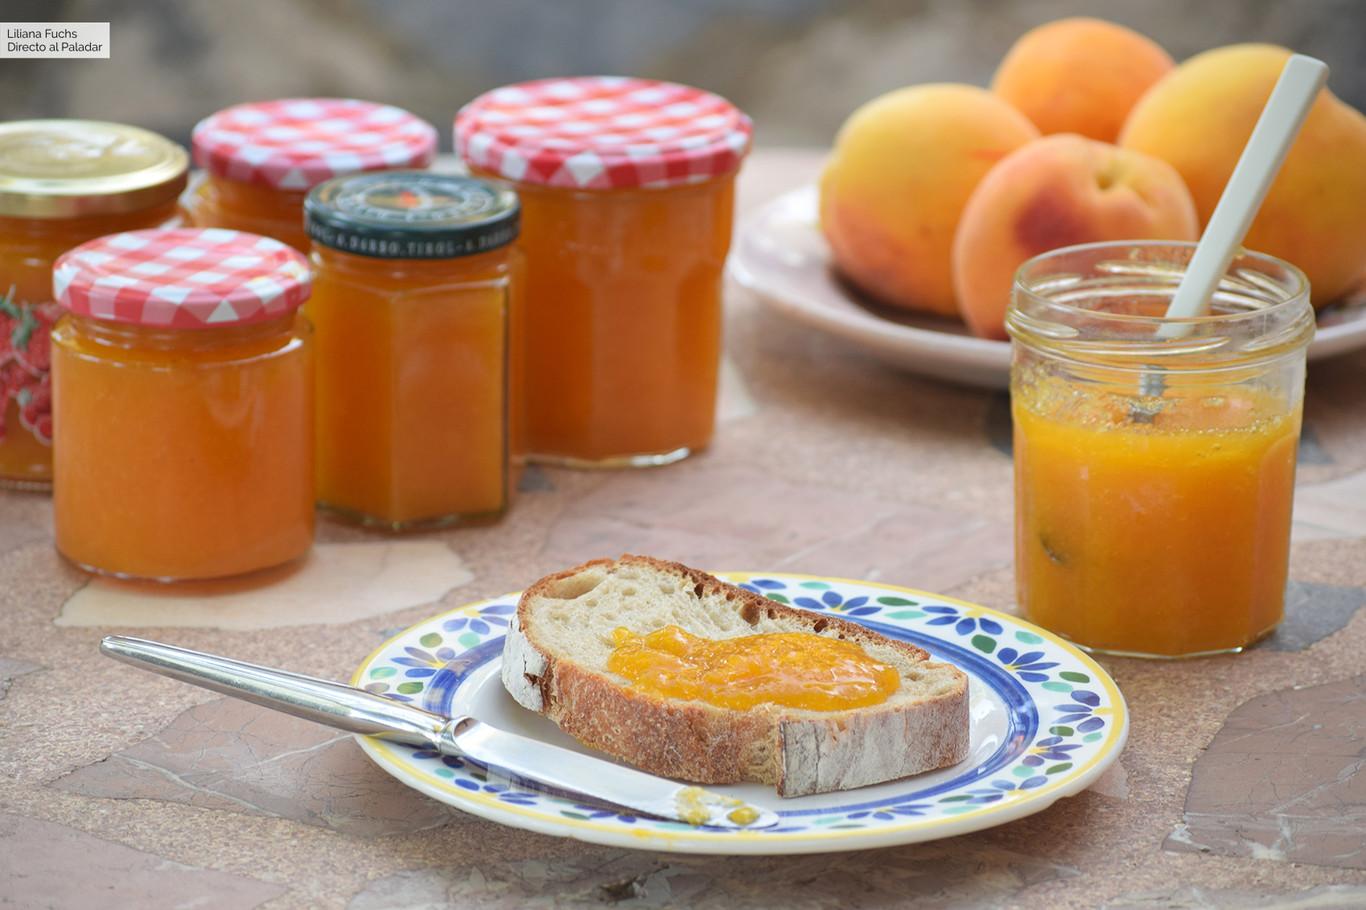 Cómo hacer mermelada casera de melocotón, receta sencilla y básica para alegrar desayunos y meriendas